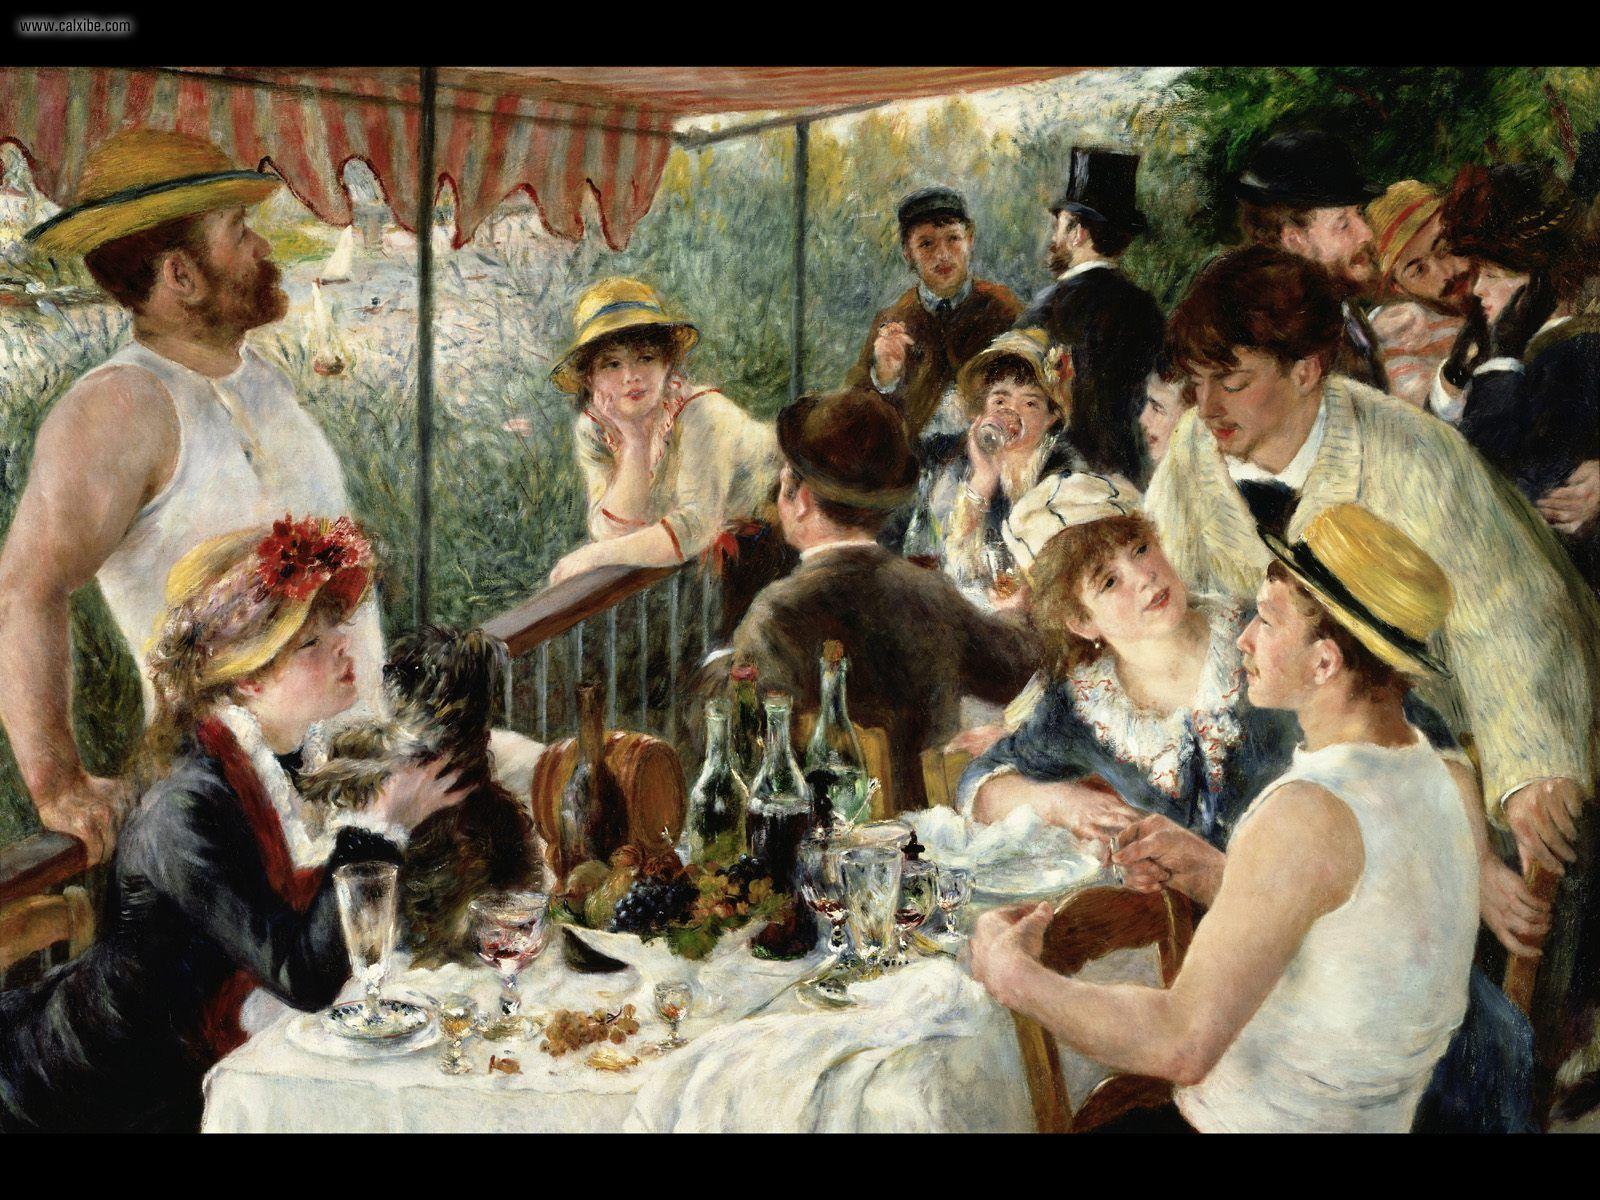 1600x1200 Vẽ & Tranh: Tiệc trưa của Tiệc chèo thuyền (Renoir), máy tính để bàn